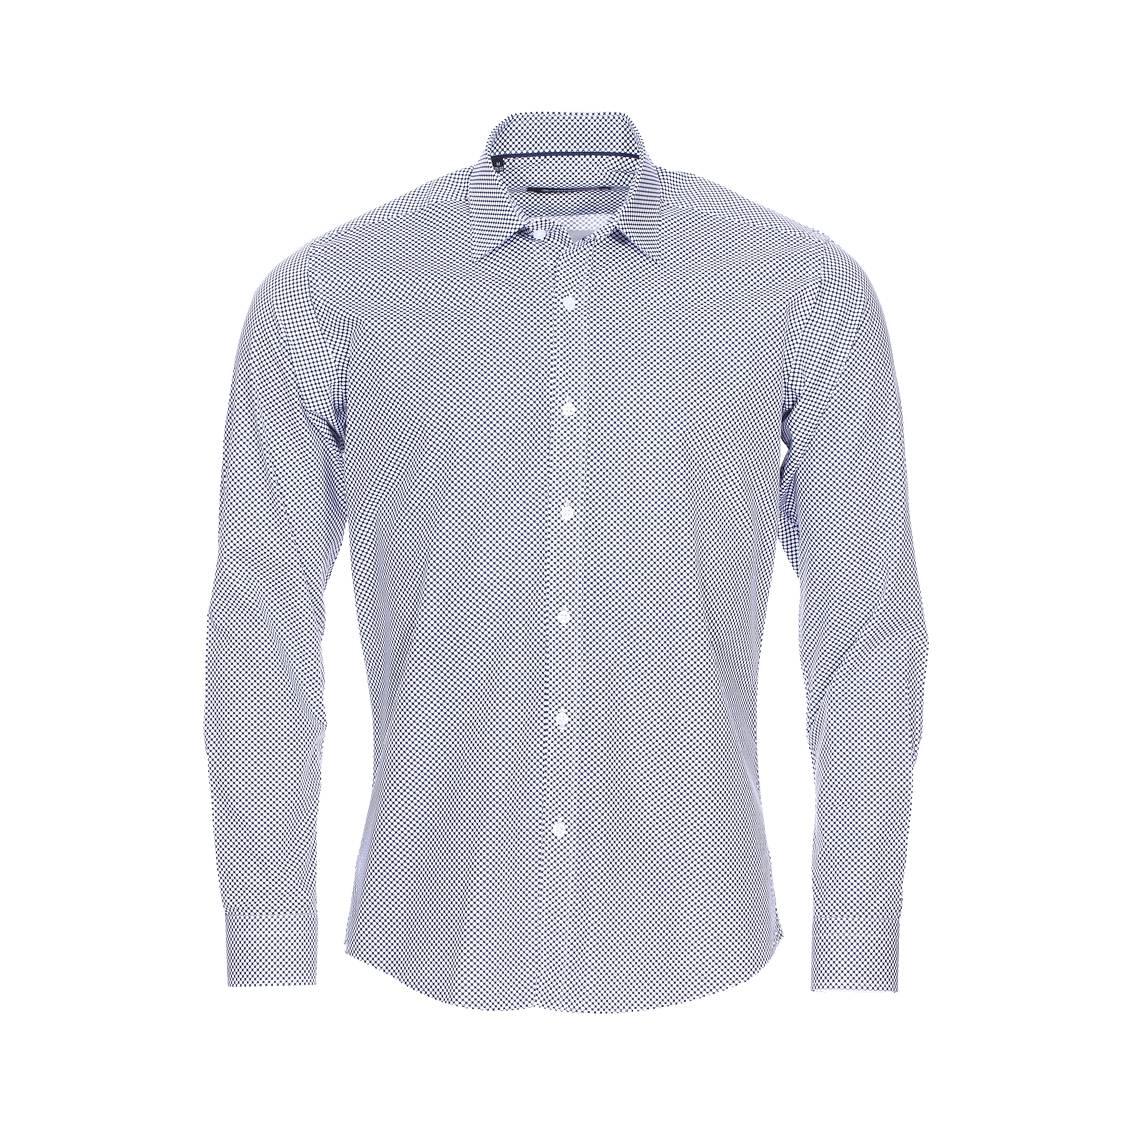 Chemise cintrée  en coton bleu marine à pois blancs